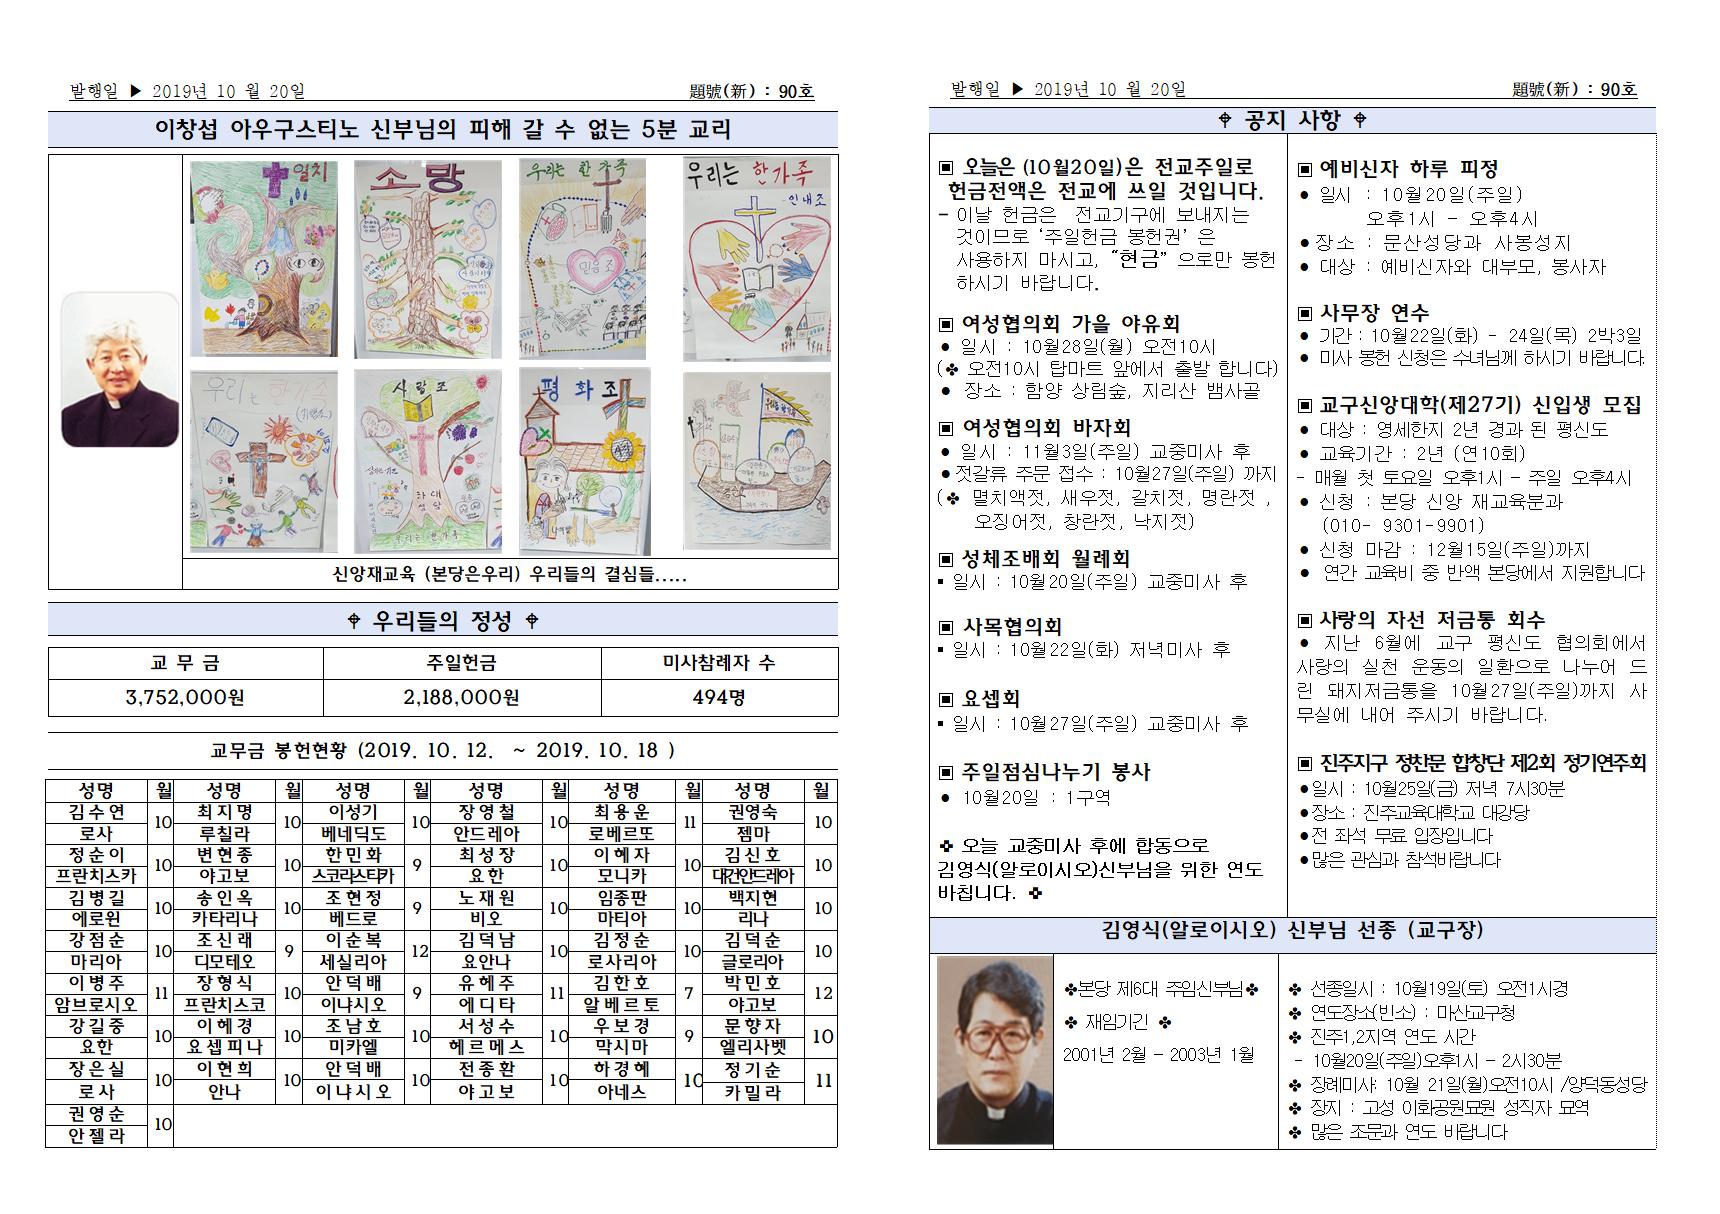 민족들의복음화를위한미사(10월20일)002.png